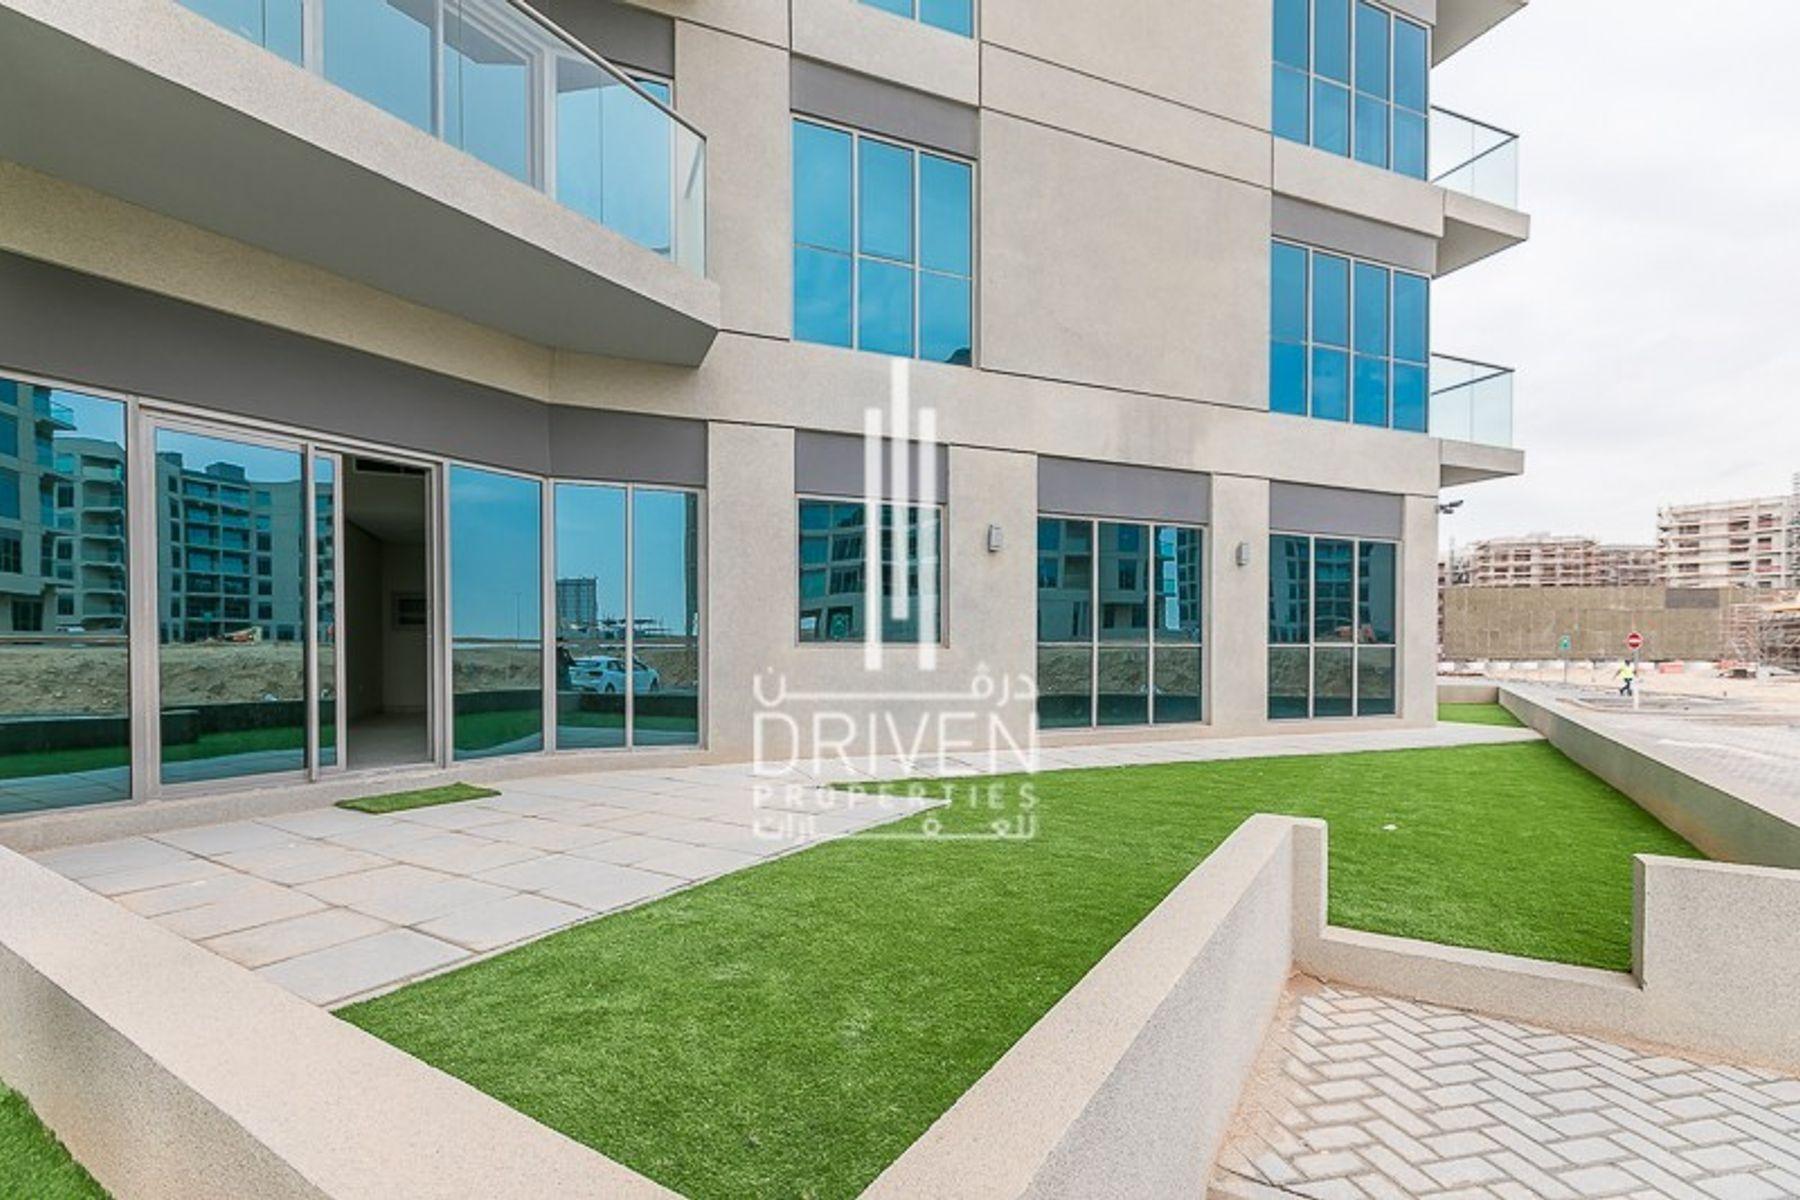 للبيع - شقة - ماج 530 - دبي الجنوب (مركز دبي العالمي)